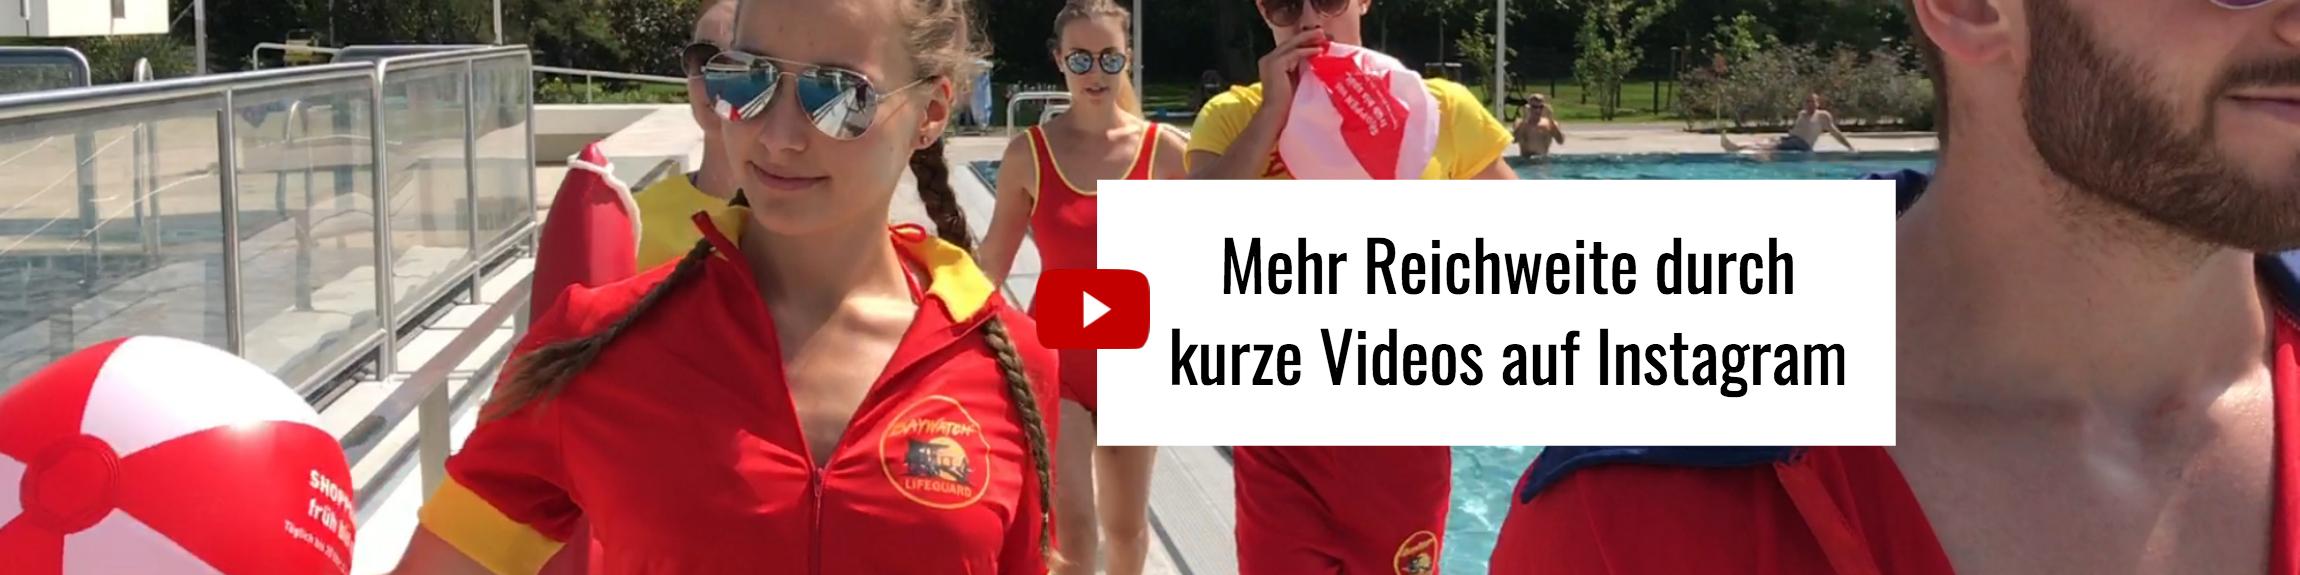 shortClip-Video-Marketing-video-erstellen-lassen-video-marketing-content-bewegt-bild-shortclip